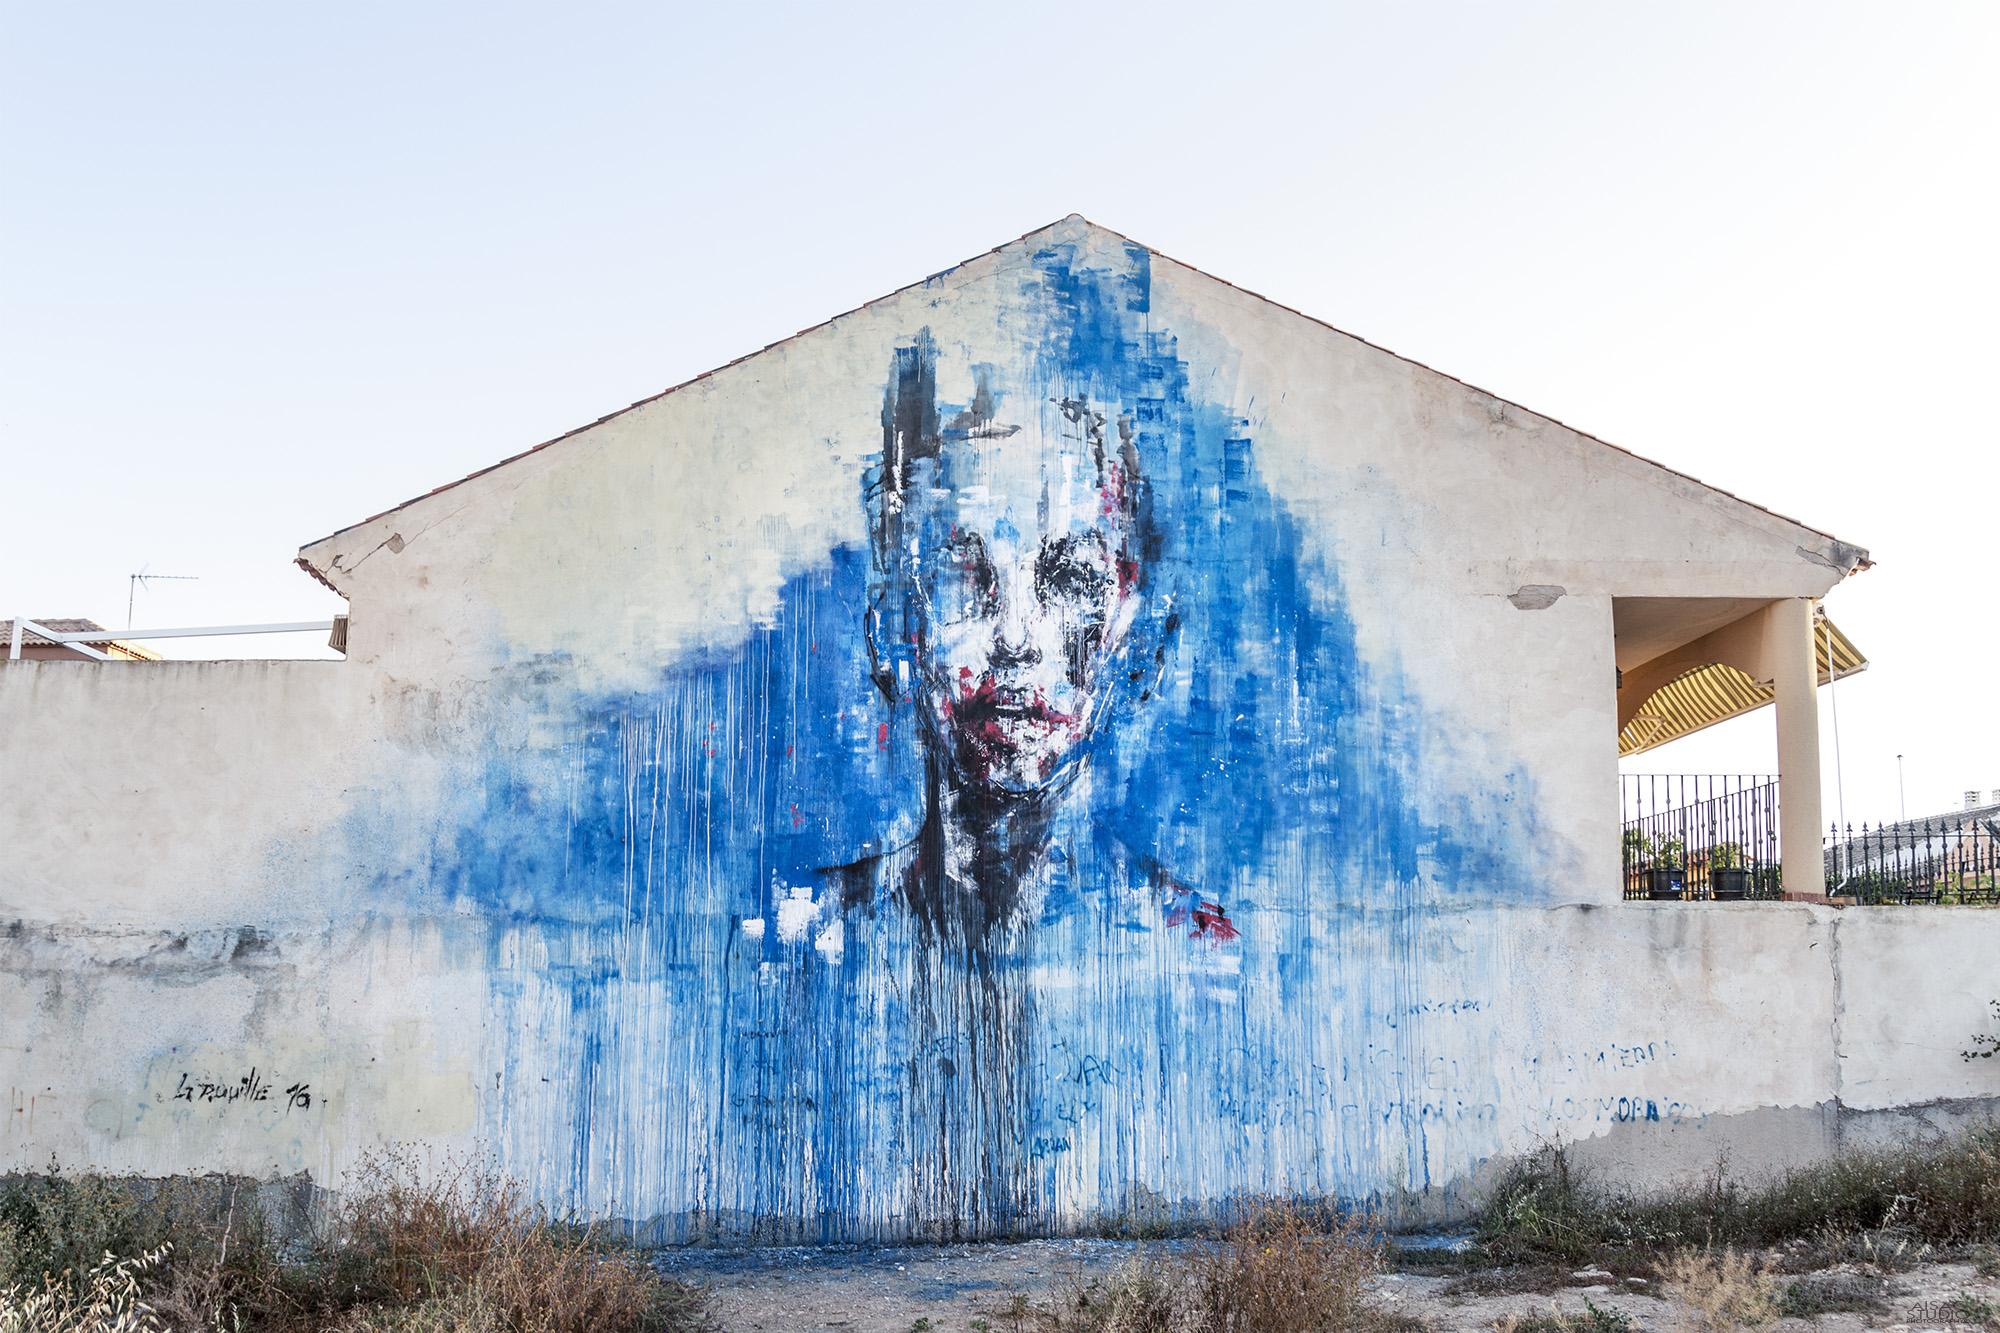 La Rouille by Aisac Studio